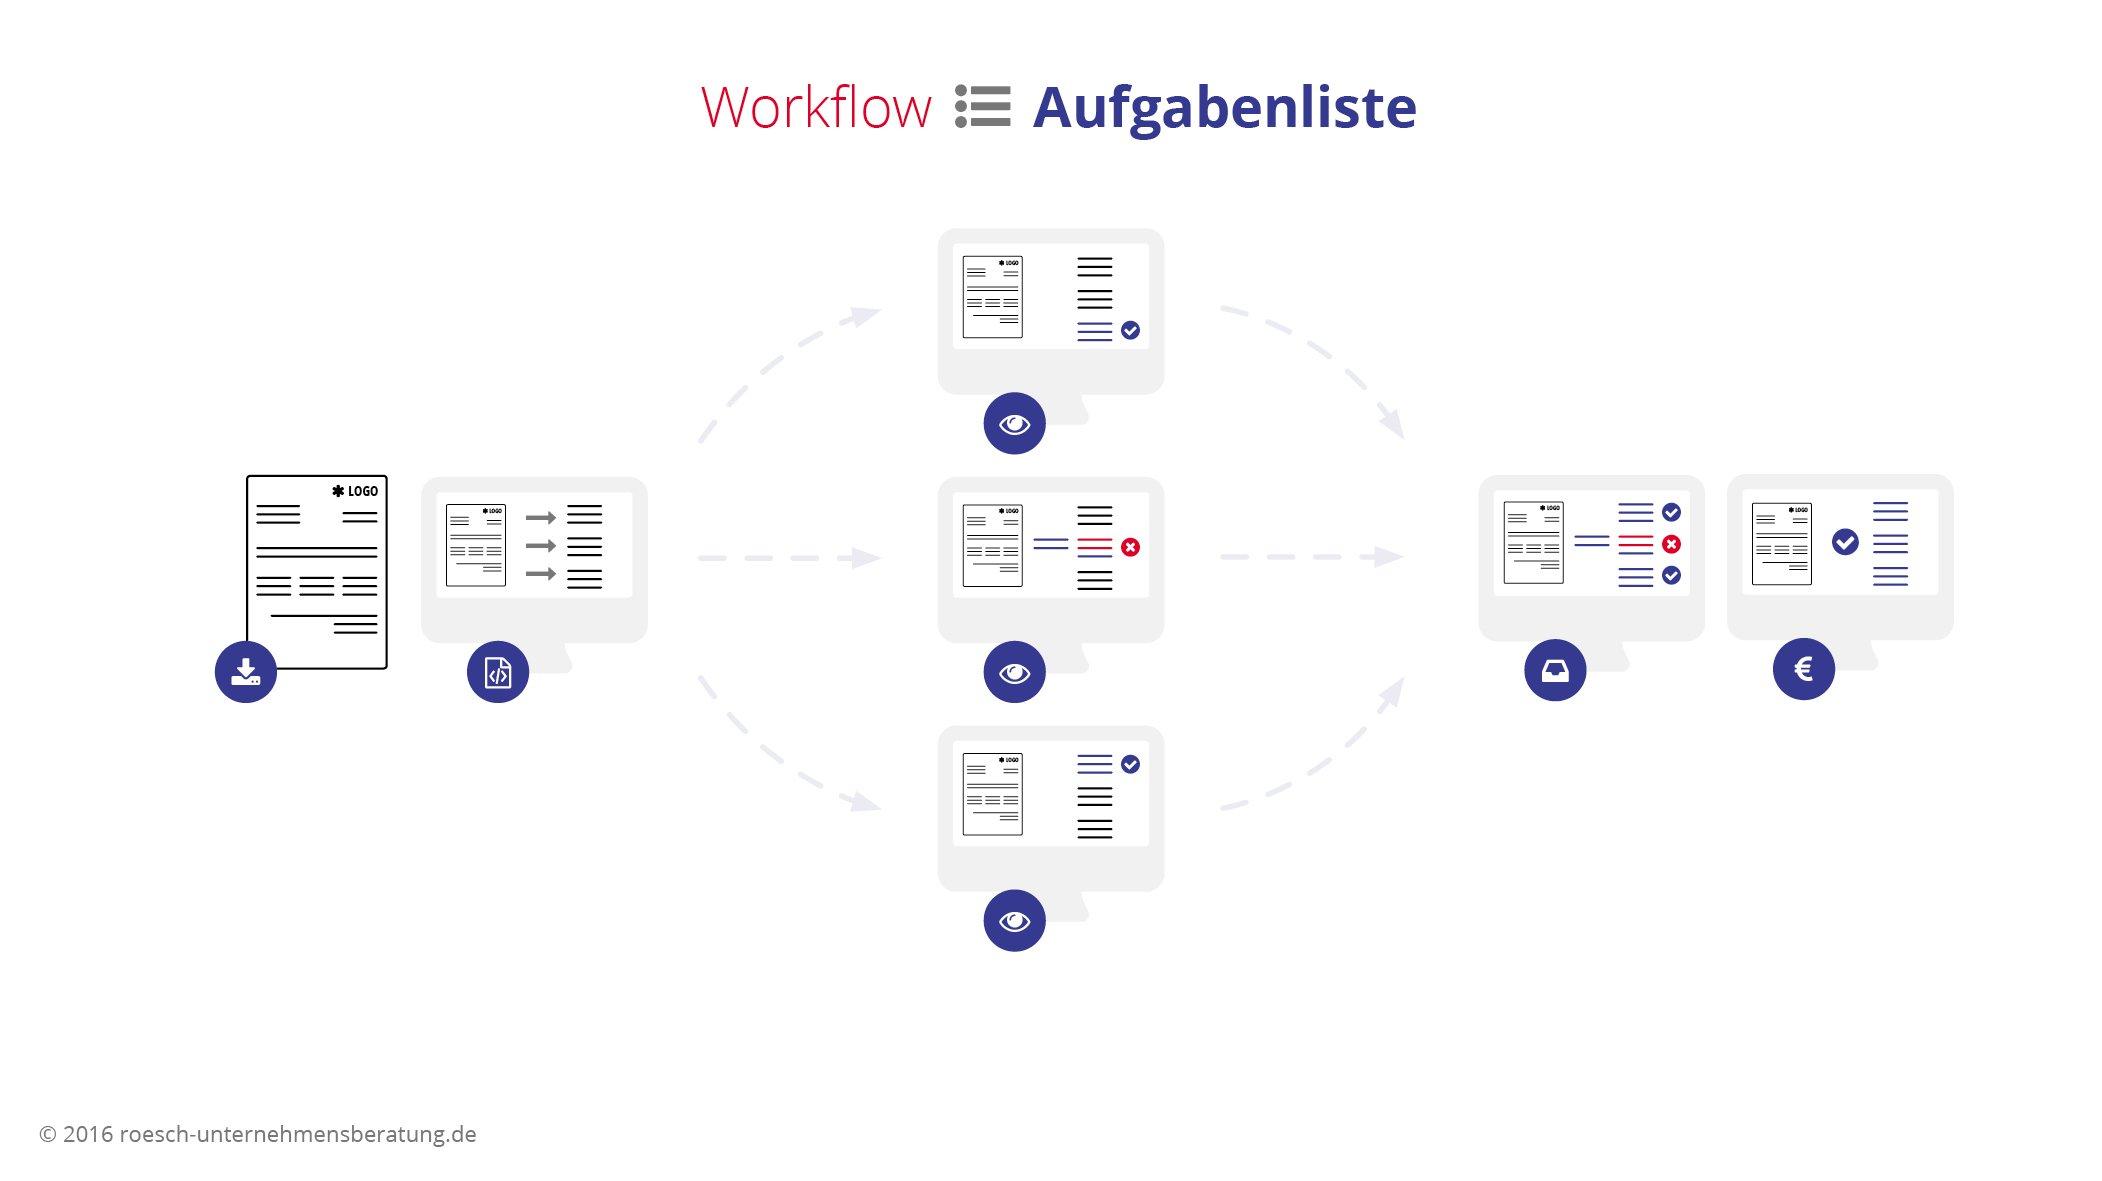 Workflow Aufgabenliste